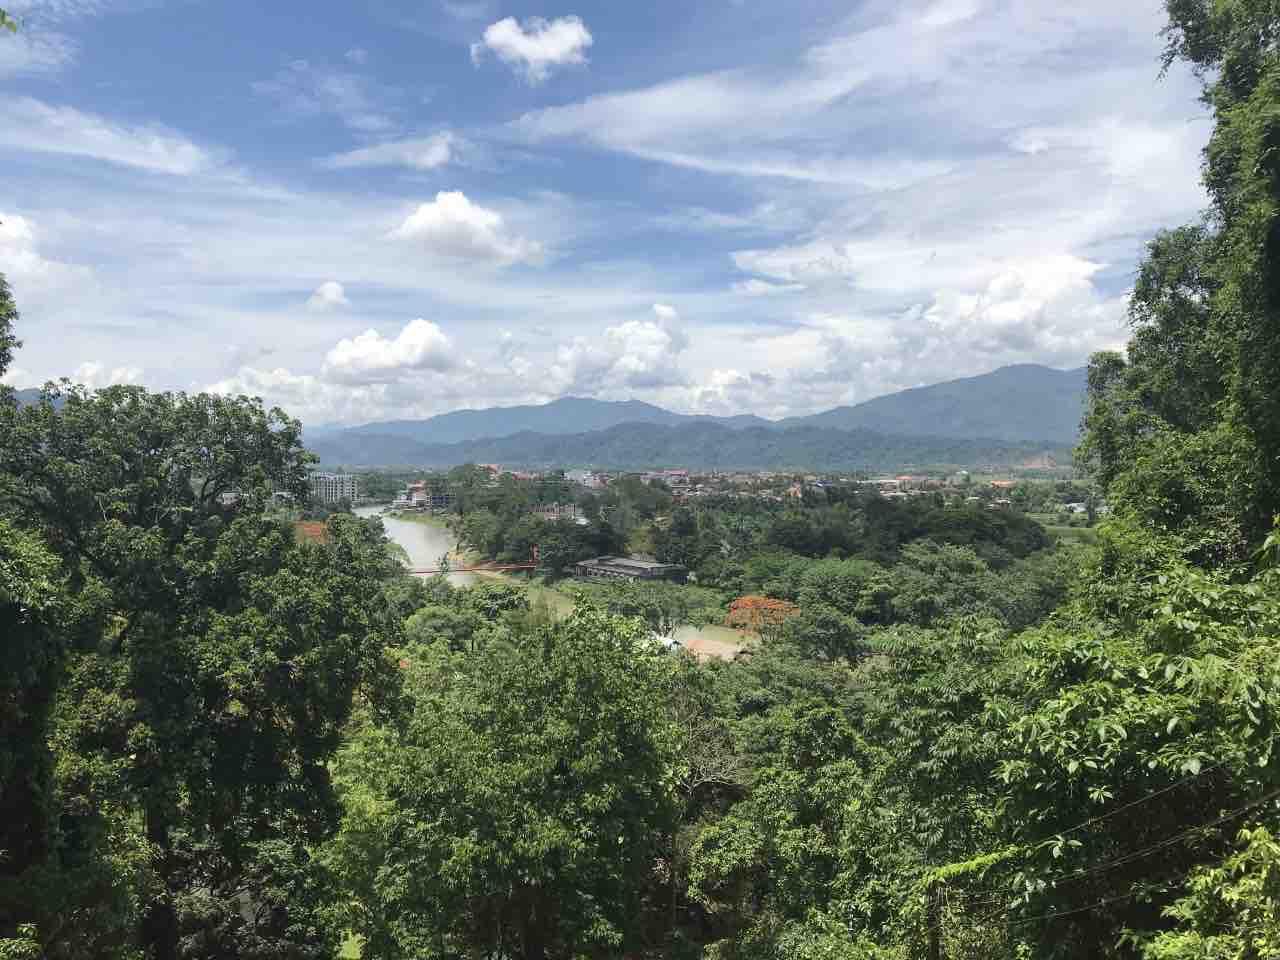 vue de la grotte Tham Chang à Vang Vieng